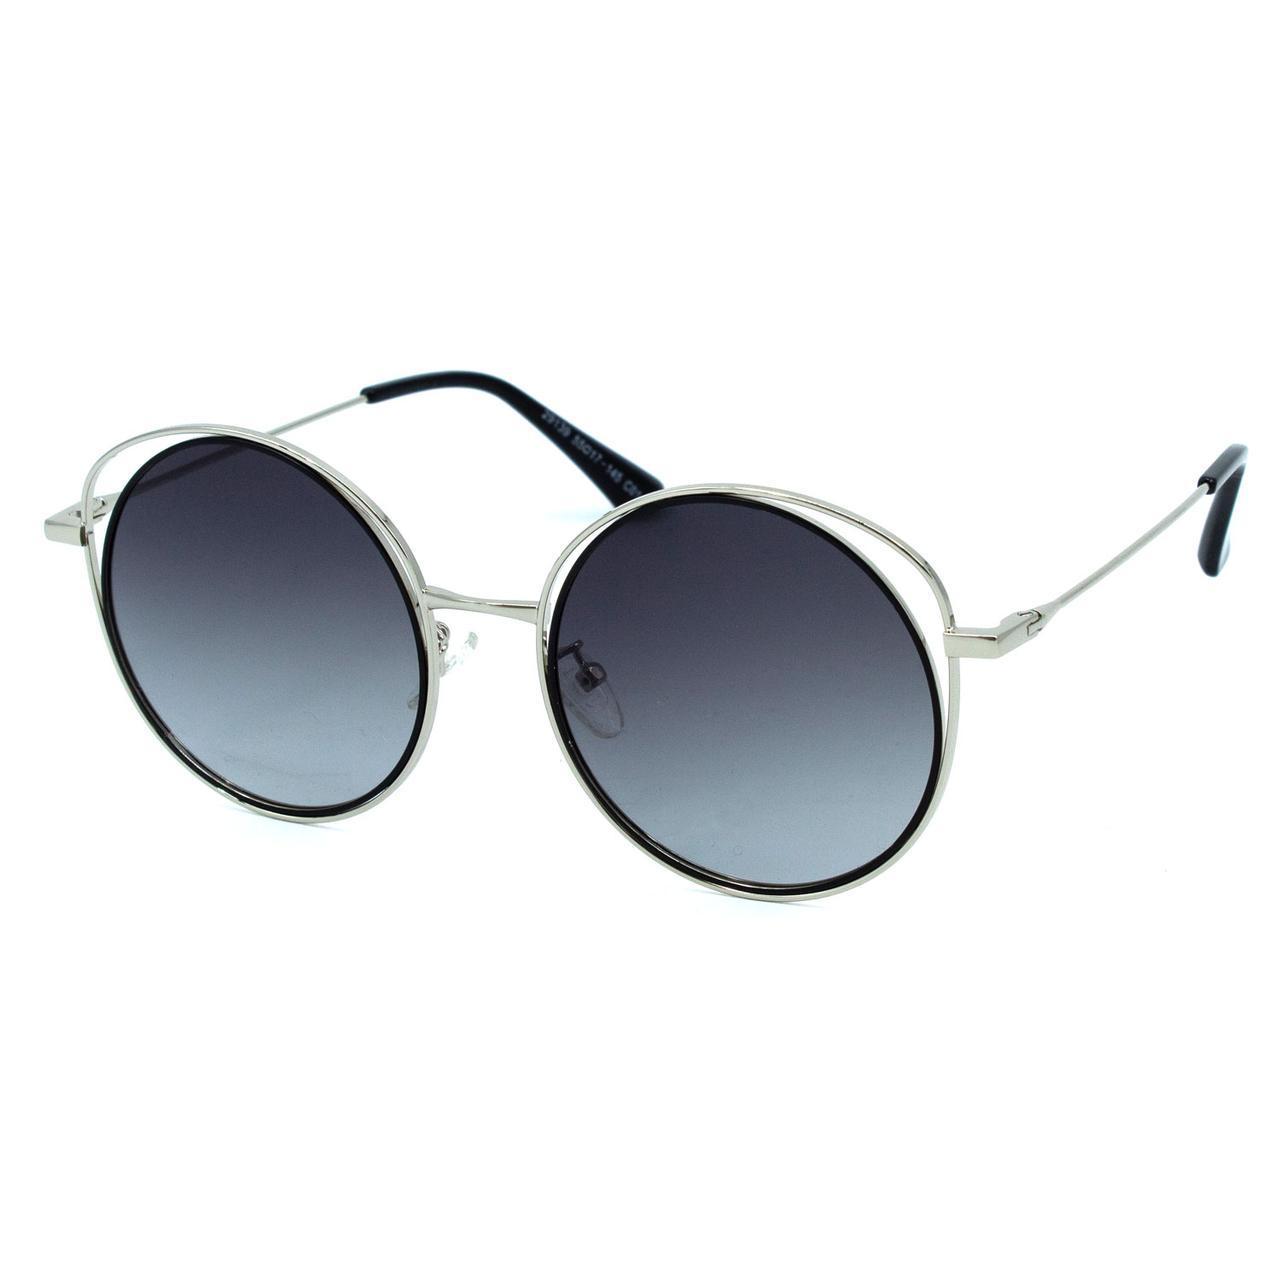 Сонцезахисні окуляри Marmilen Polar 29139 C1 срібло ( 29139-01 )